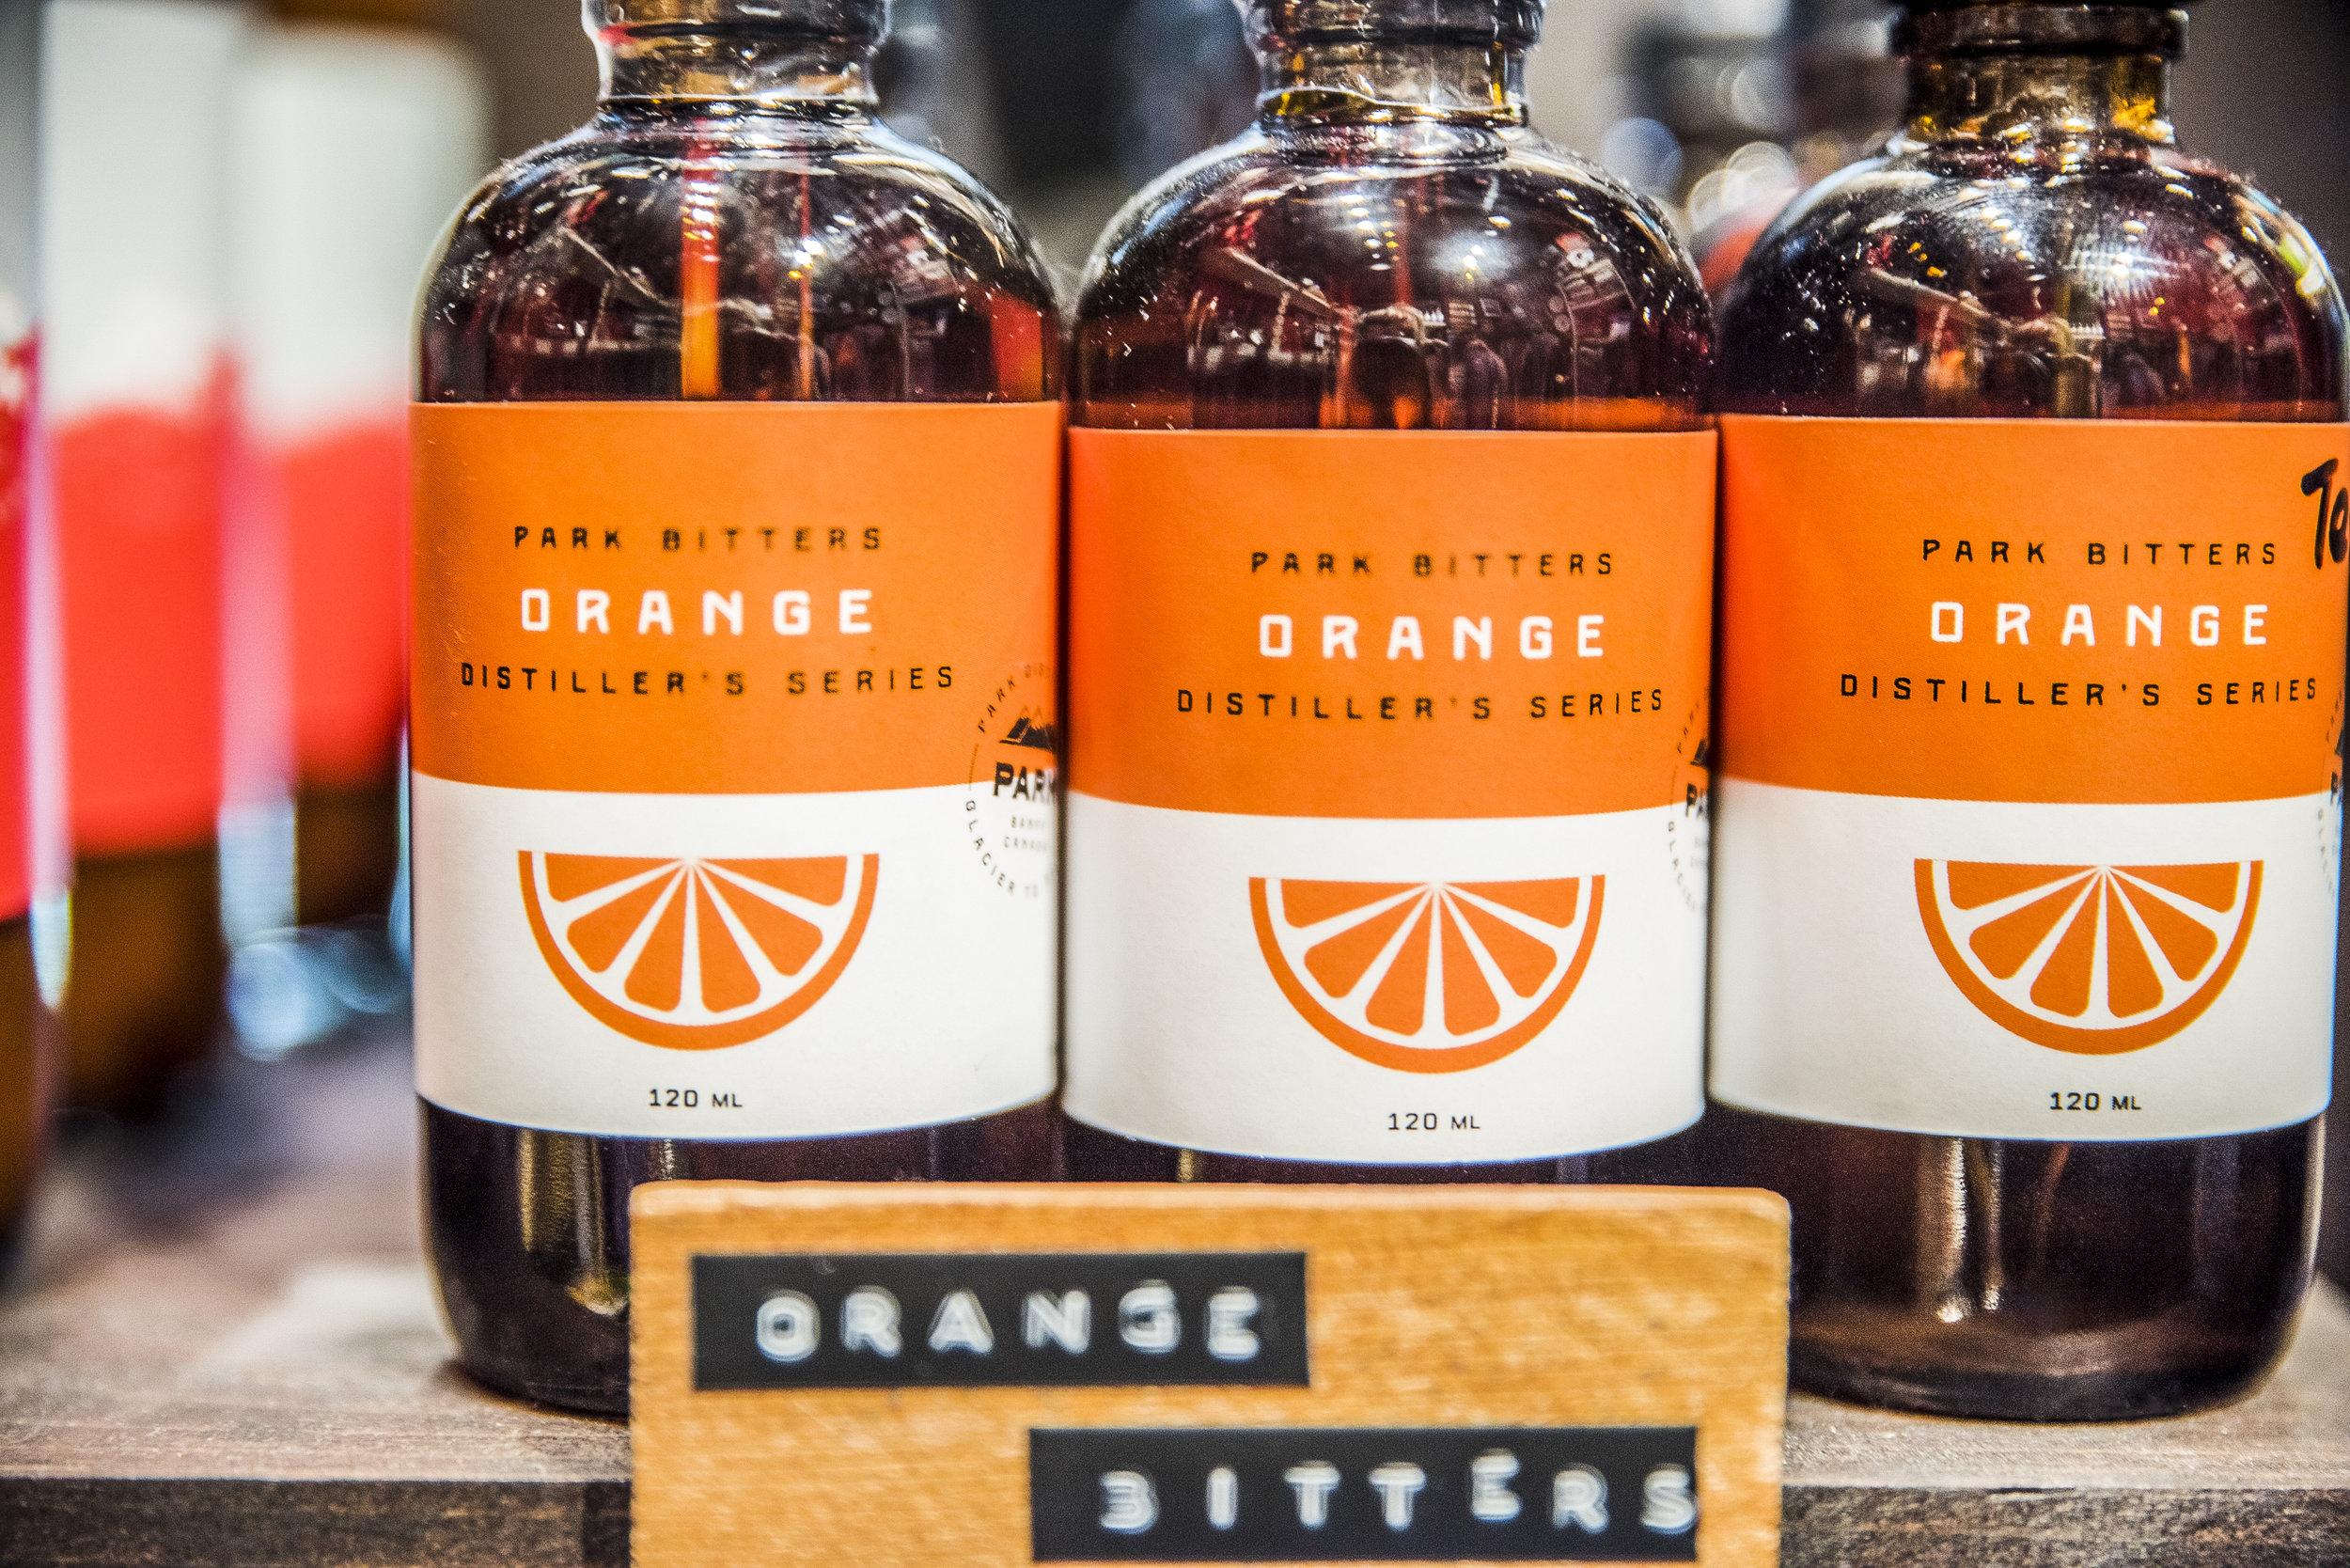 Park Distillery Hand made spirits Orange bitters